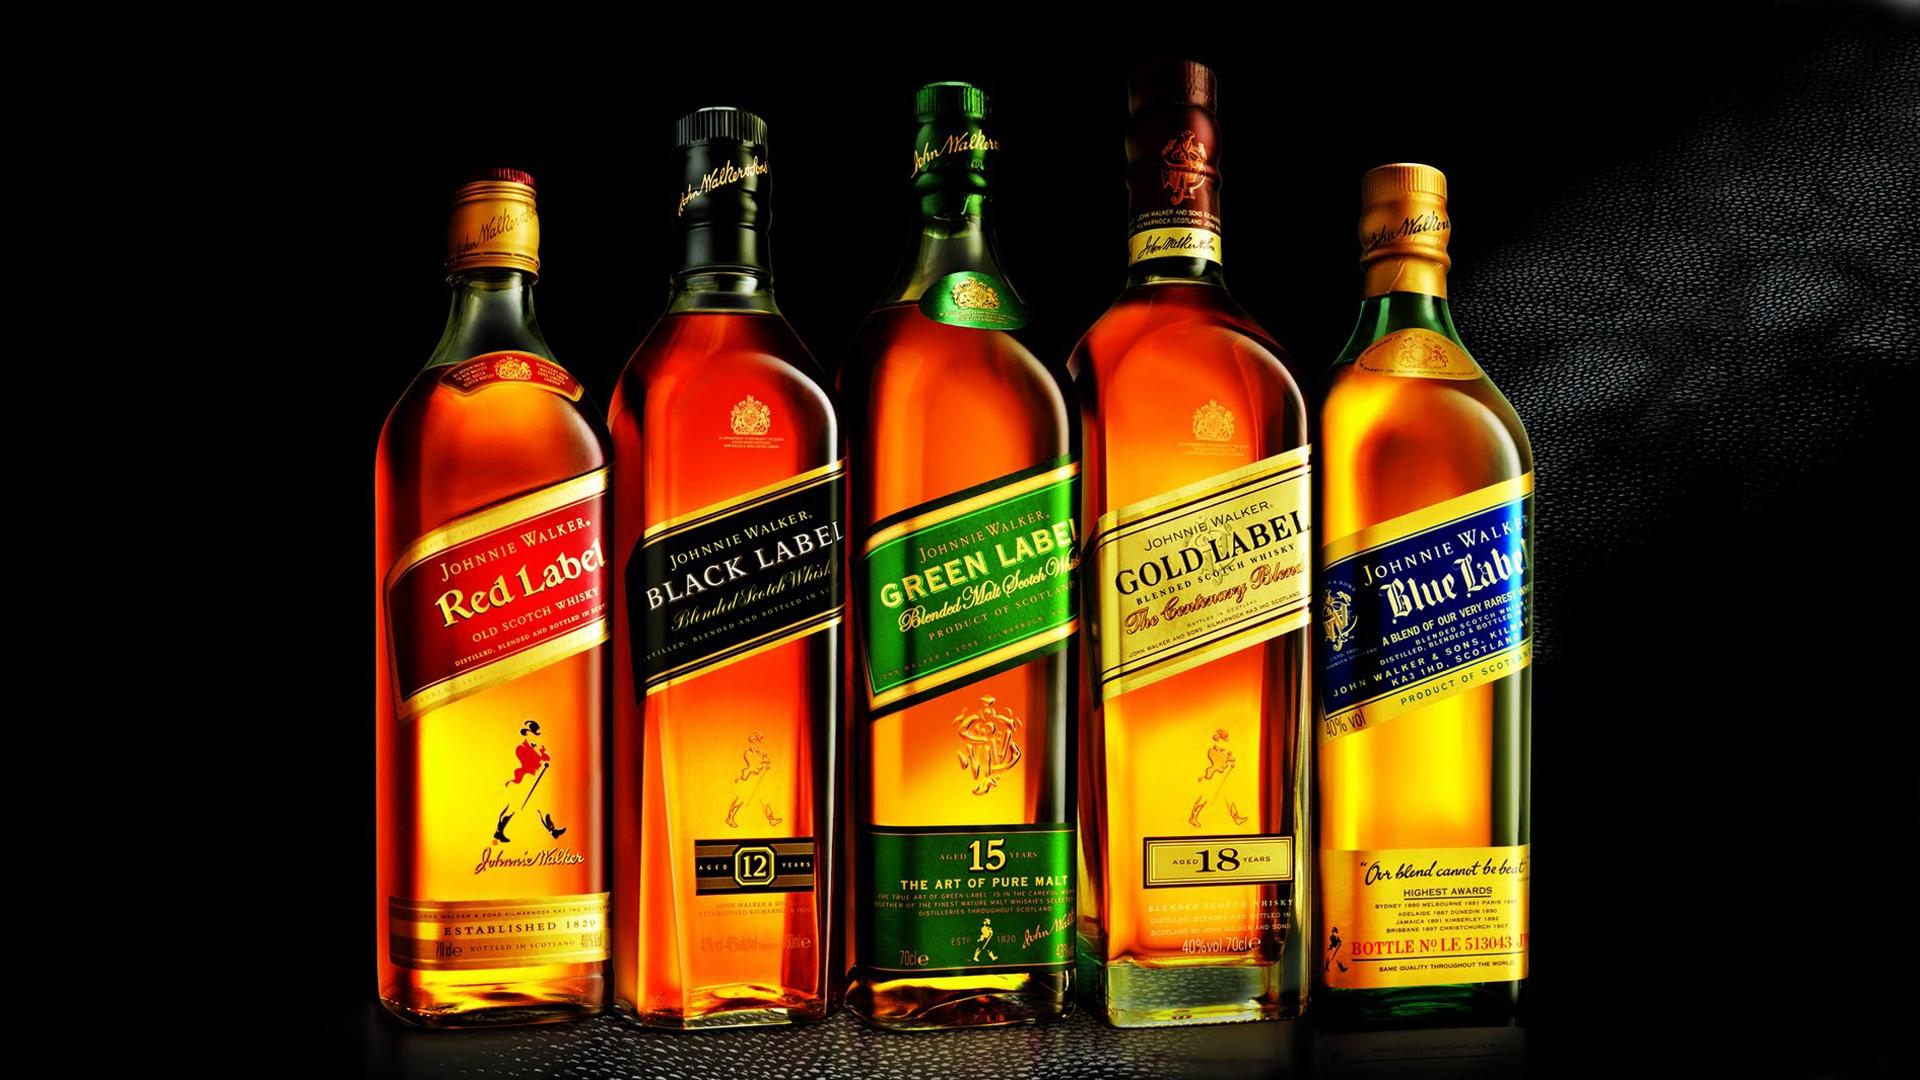 johnnie walker whiskyjohnnie walker blue label, johnnie walker black label, johnnie walker red, johnnie walker dead label, johnnie walker red label, johnnie walker купить, johnnie walker logo, jonny walker enduro, johnnie walker whisky, johnnie walker реклама, johnnie walker gold label, johnnie walker green label, johnnie walker moto, johnnie walker 2015, johnnie walker double black, johnnie walker film, johnnie walker gold, johnnie walker platinum, johnnie walker ad, johnnie walker wiki